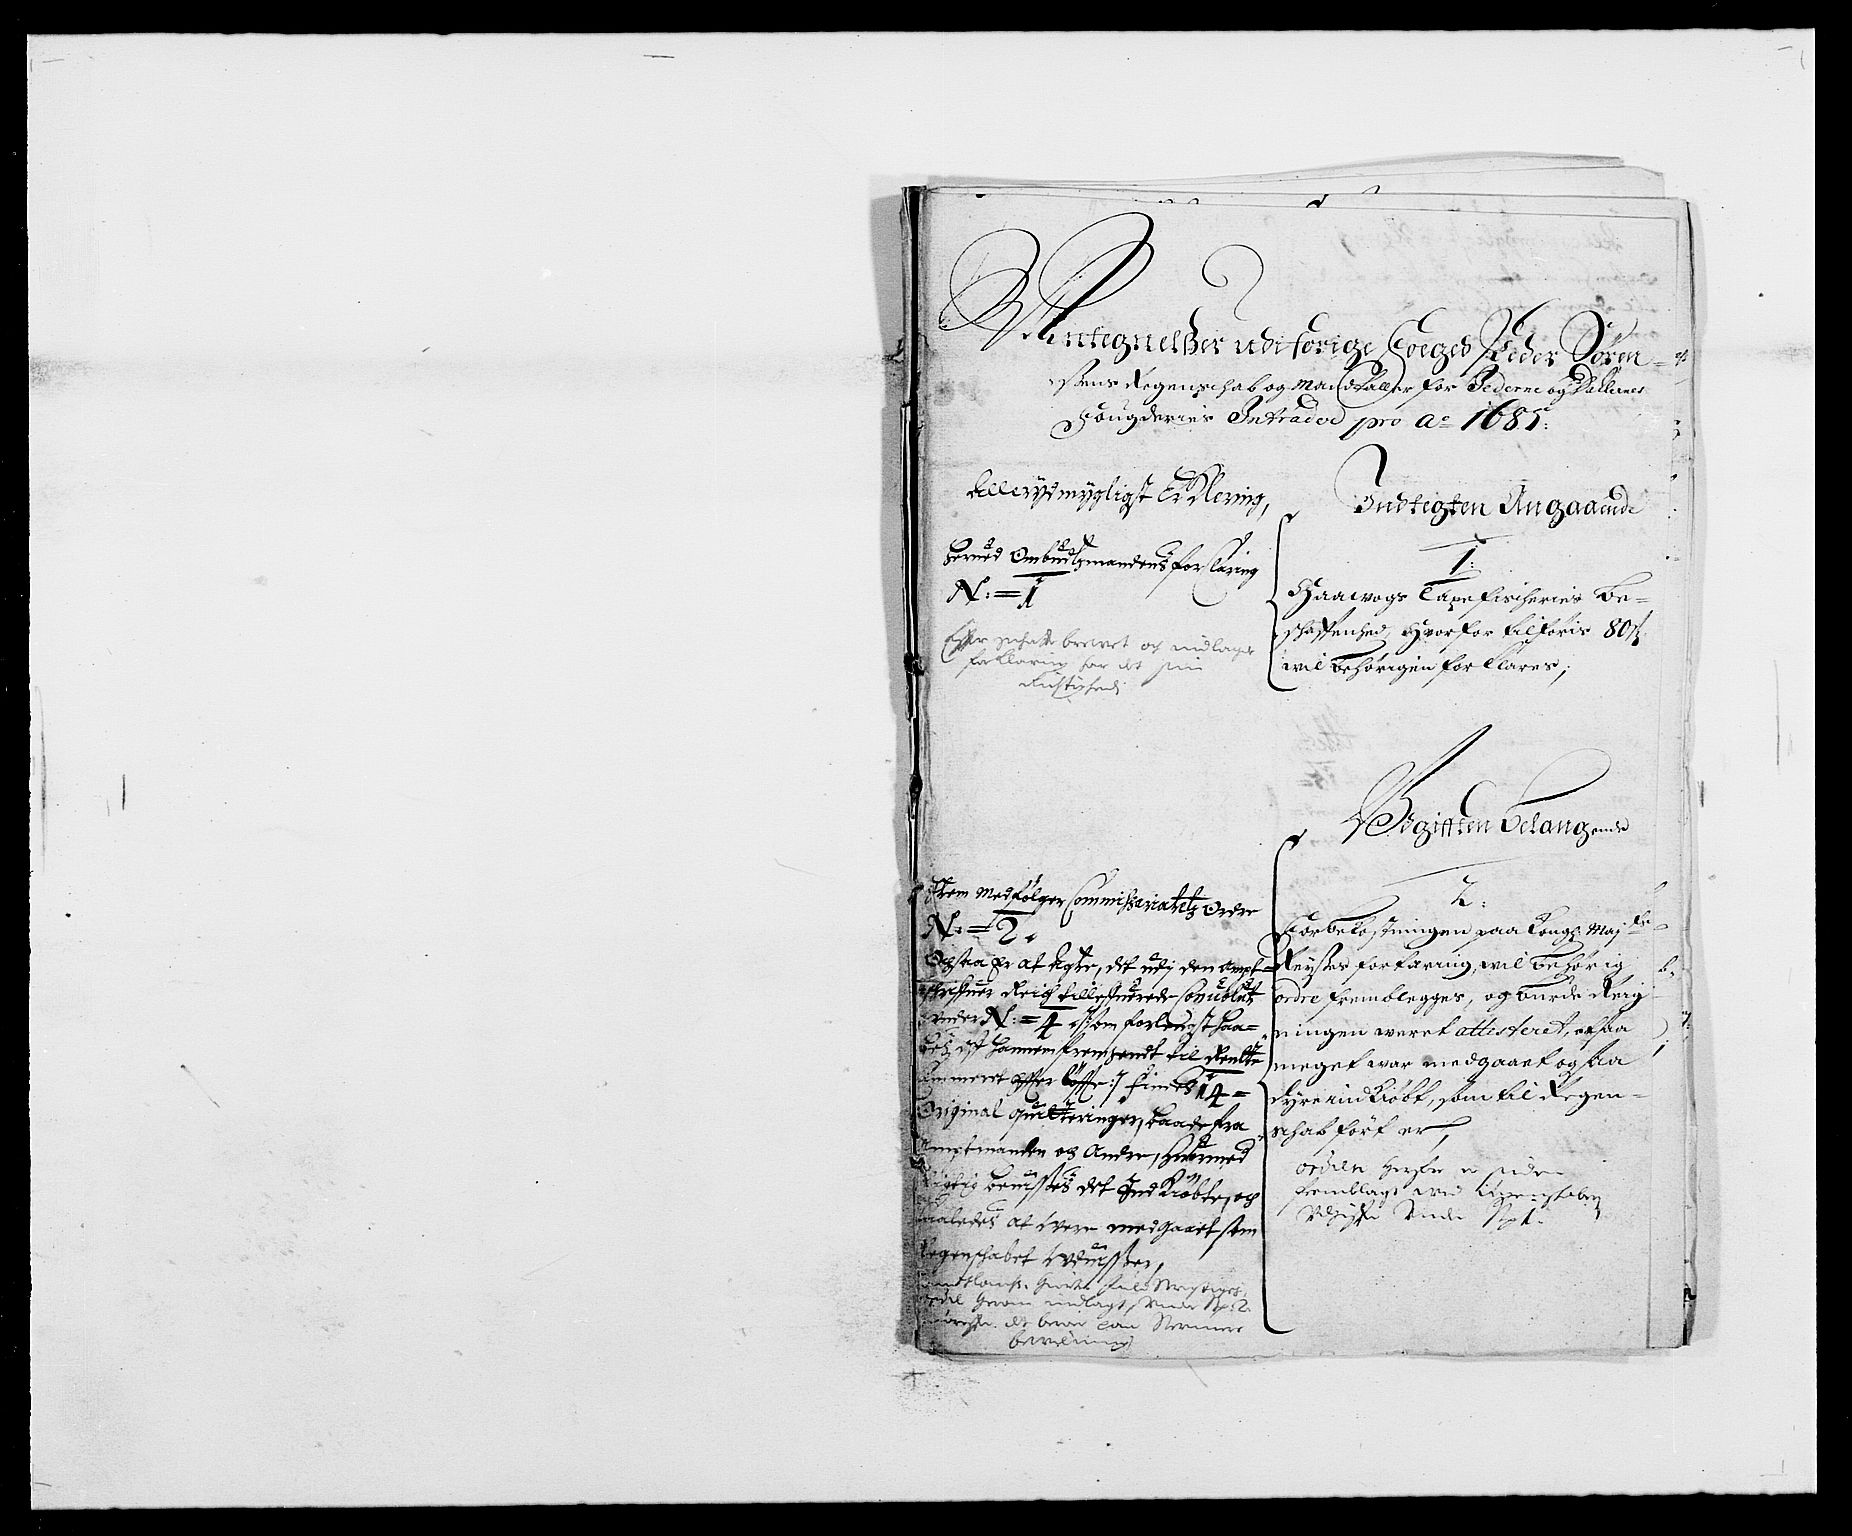 RA, Rentekammeret inntil 1814, Reviderte regnskaper, Fogderegnskap, R46/L2725: Fogderegnskap Jæren og Dalane, 1685, s. 168